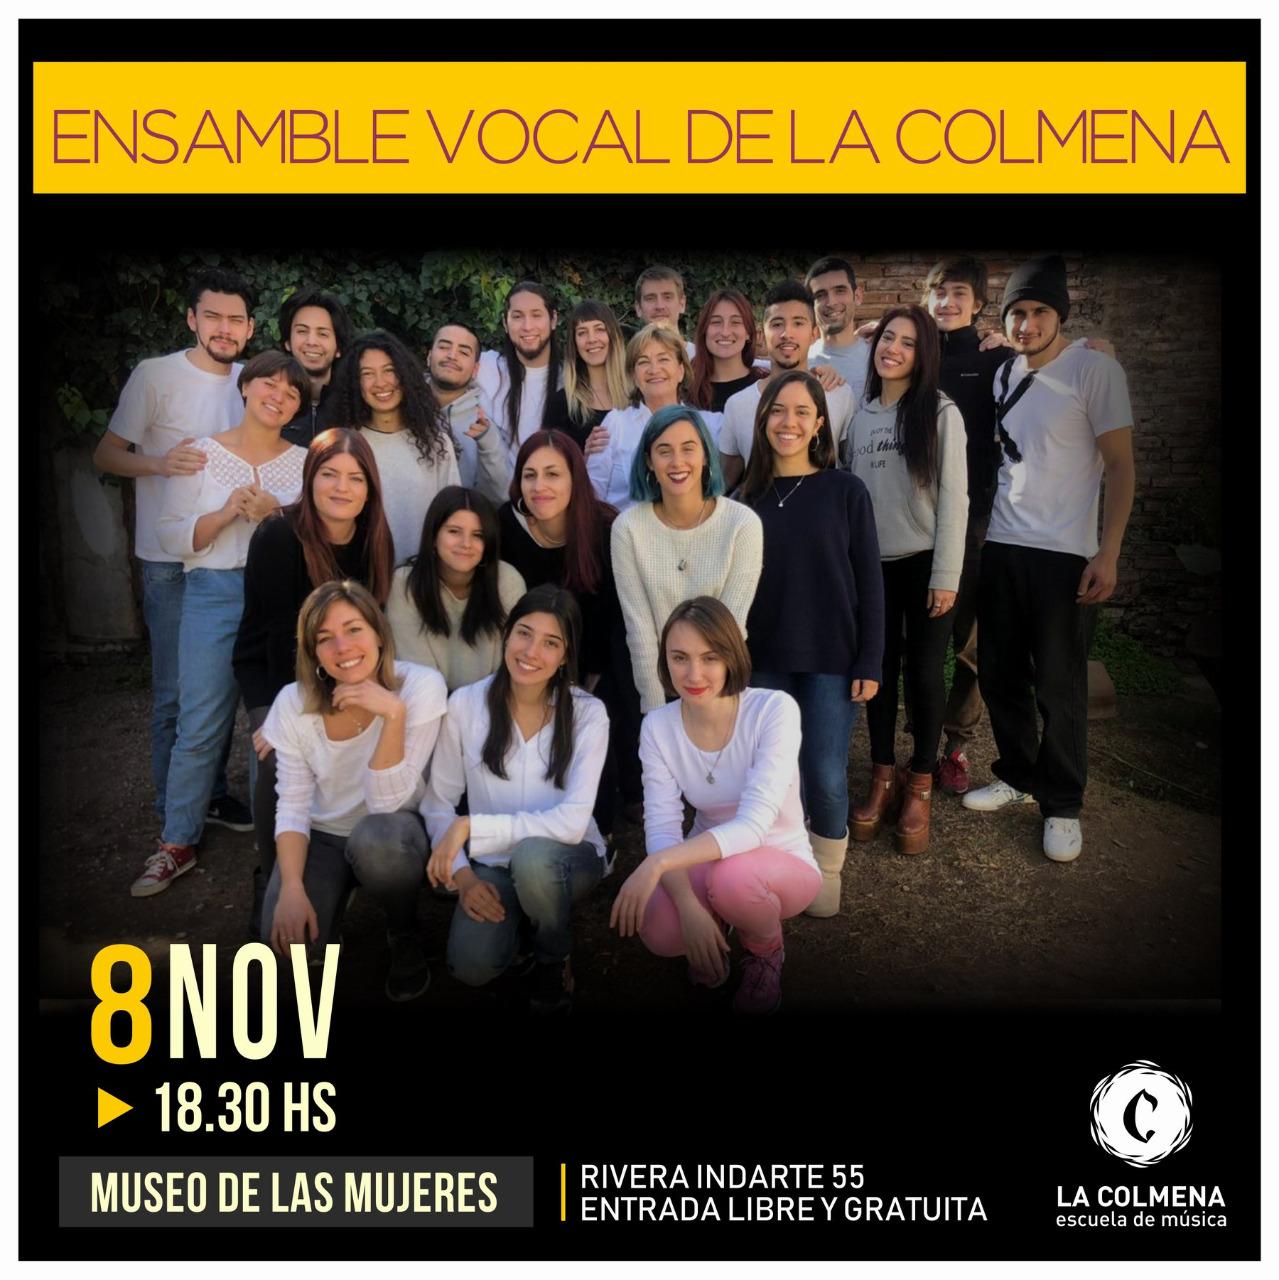 Ensamble Vocal de La Colmena en el Museo de las Mujeres